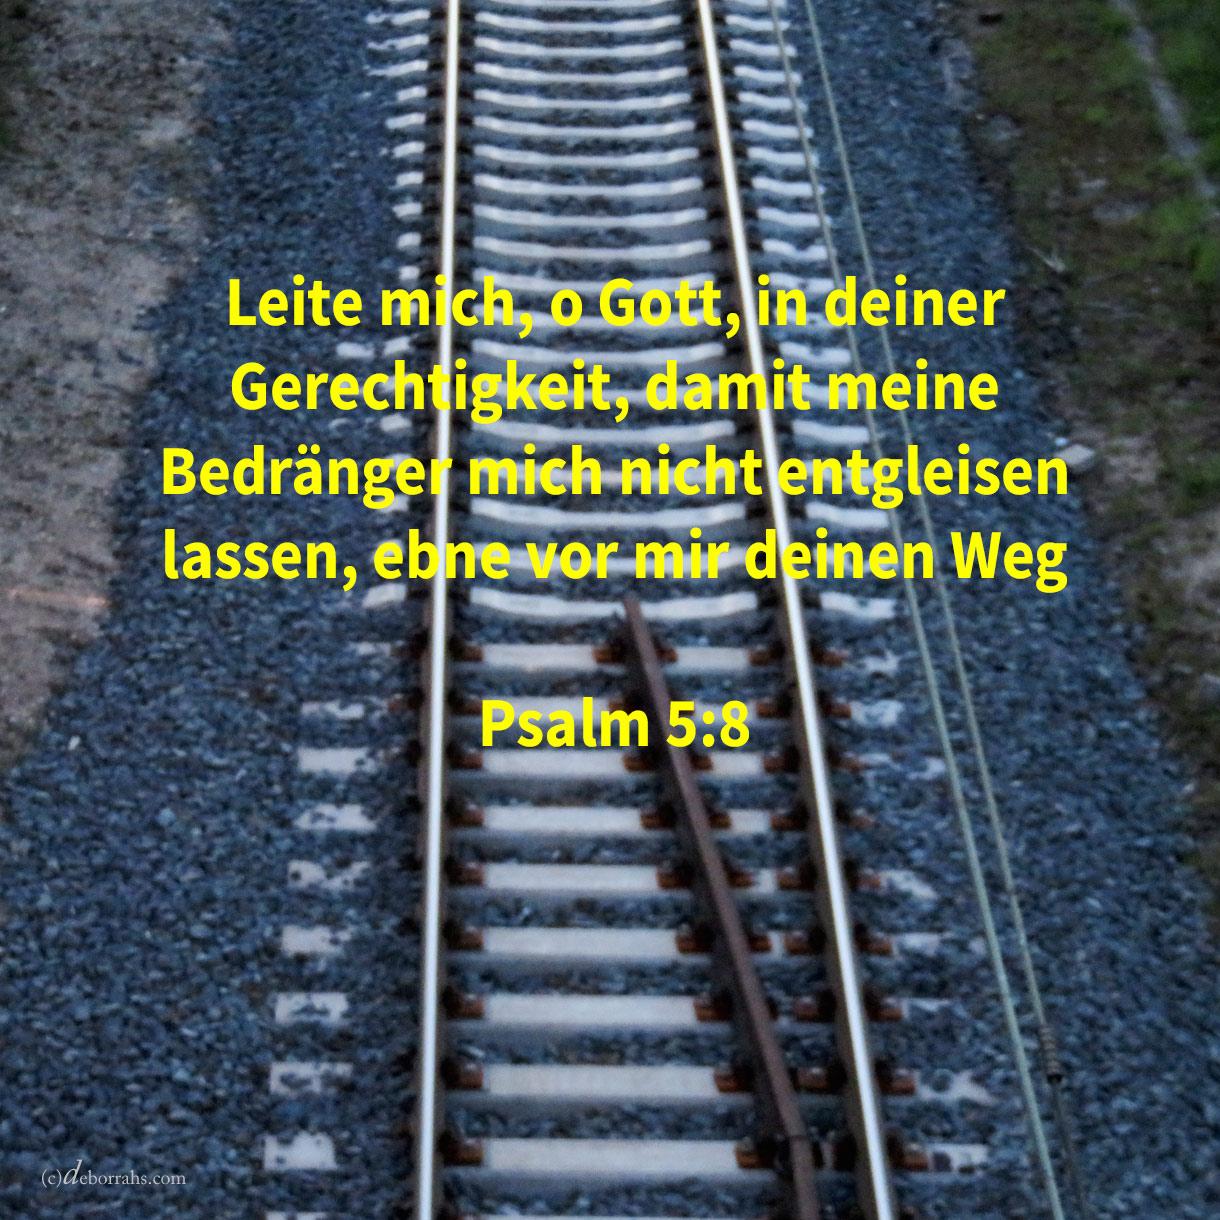 Leite mich, Jehova, in deiner Gerechtigkeit um meiner Feinde willen; ebne vor mir deinen Weg ( Psalm 5,8 )